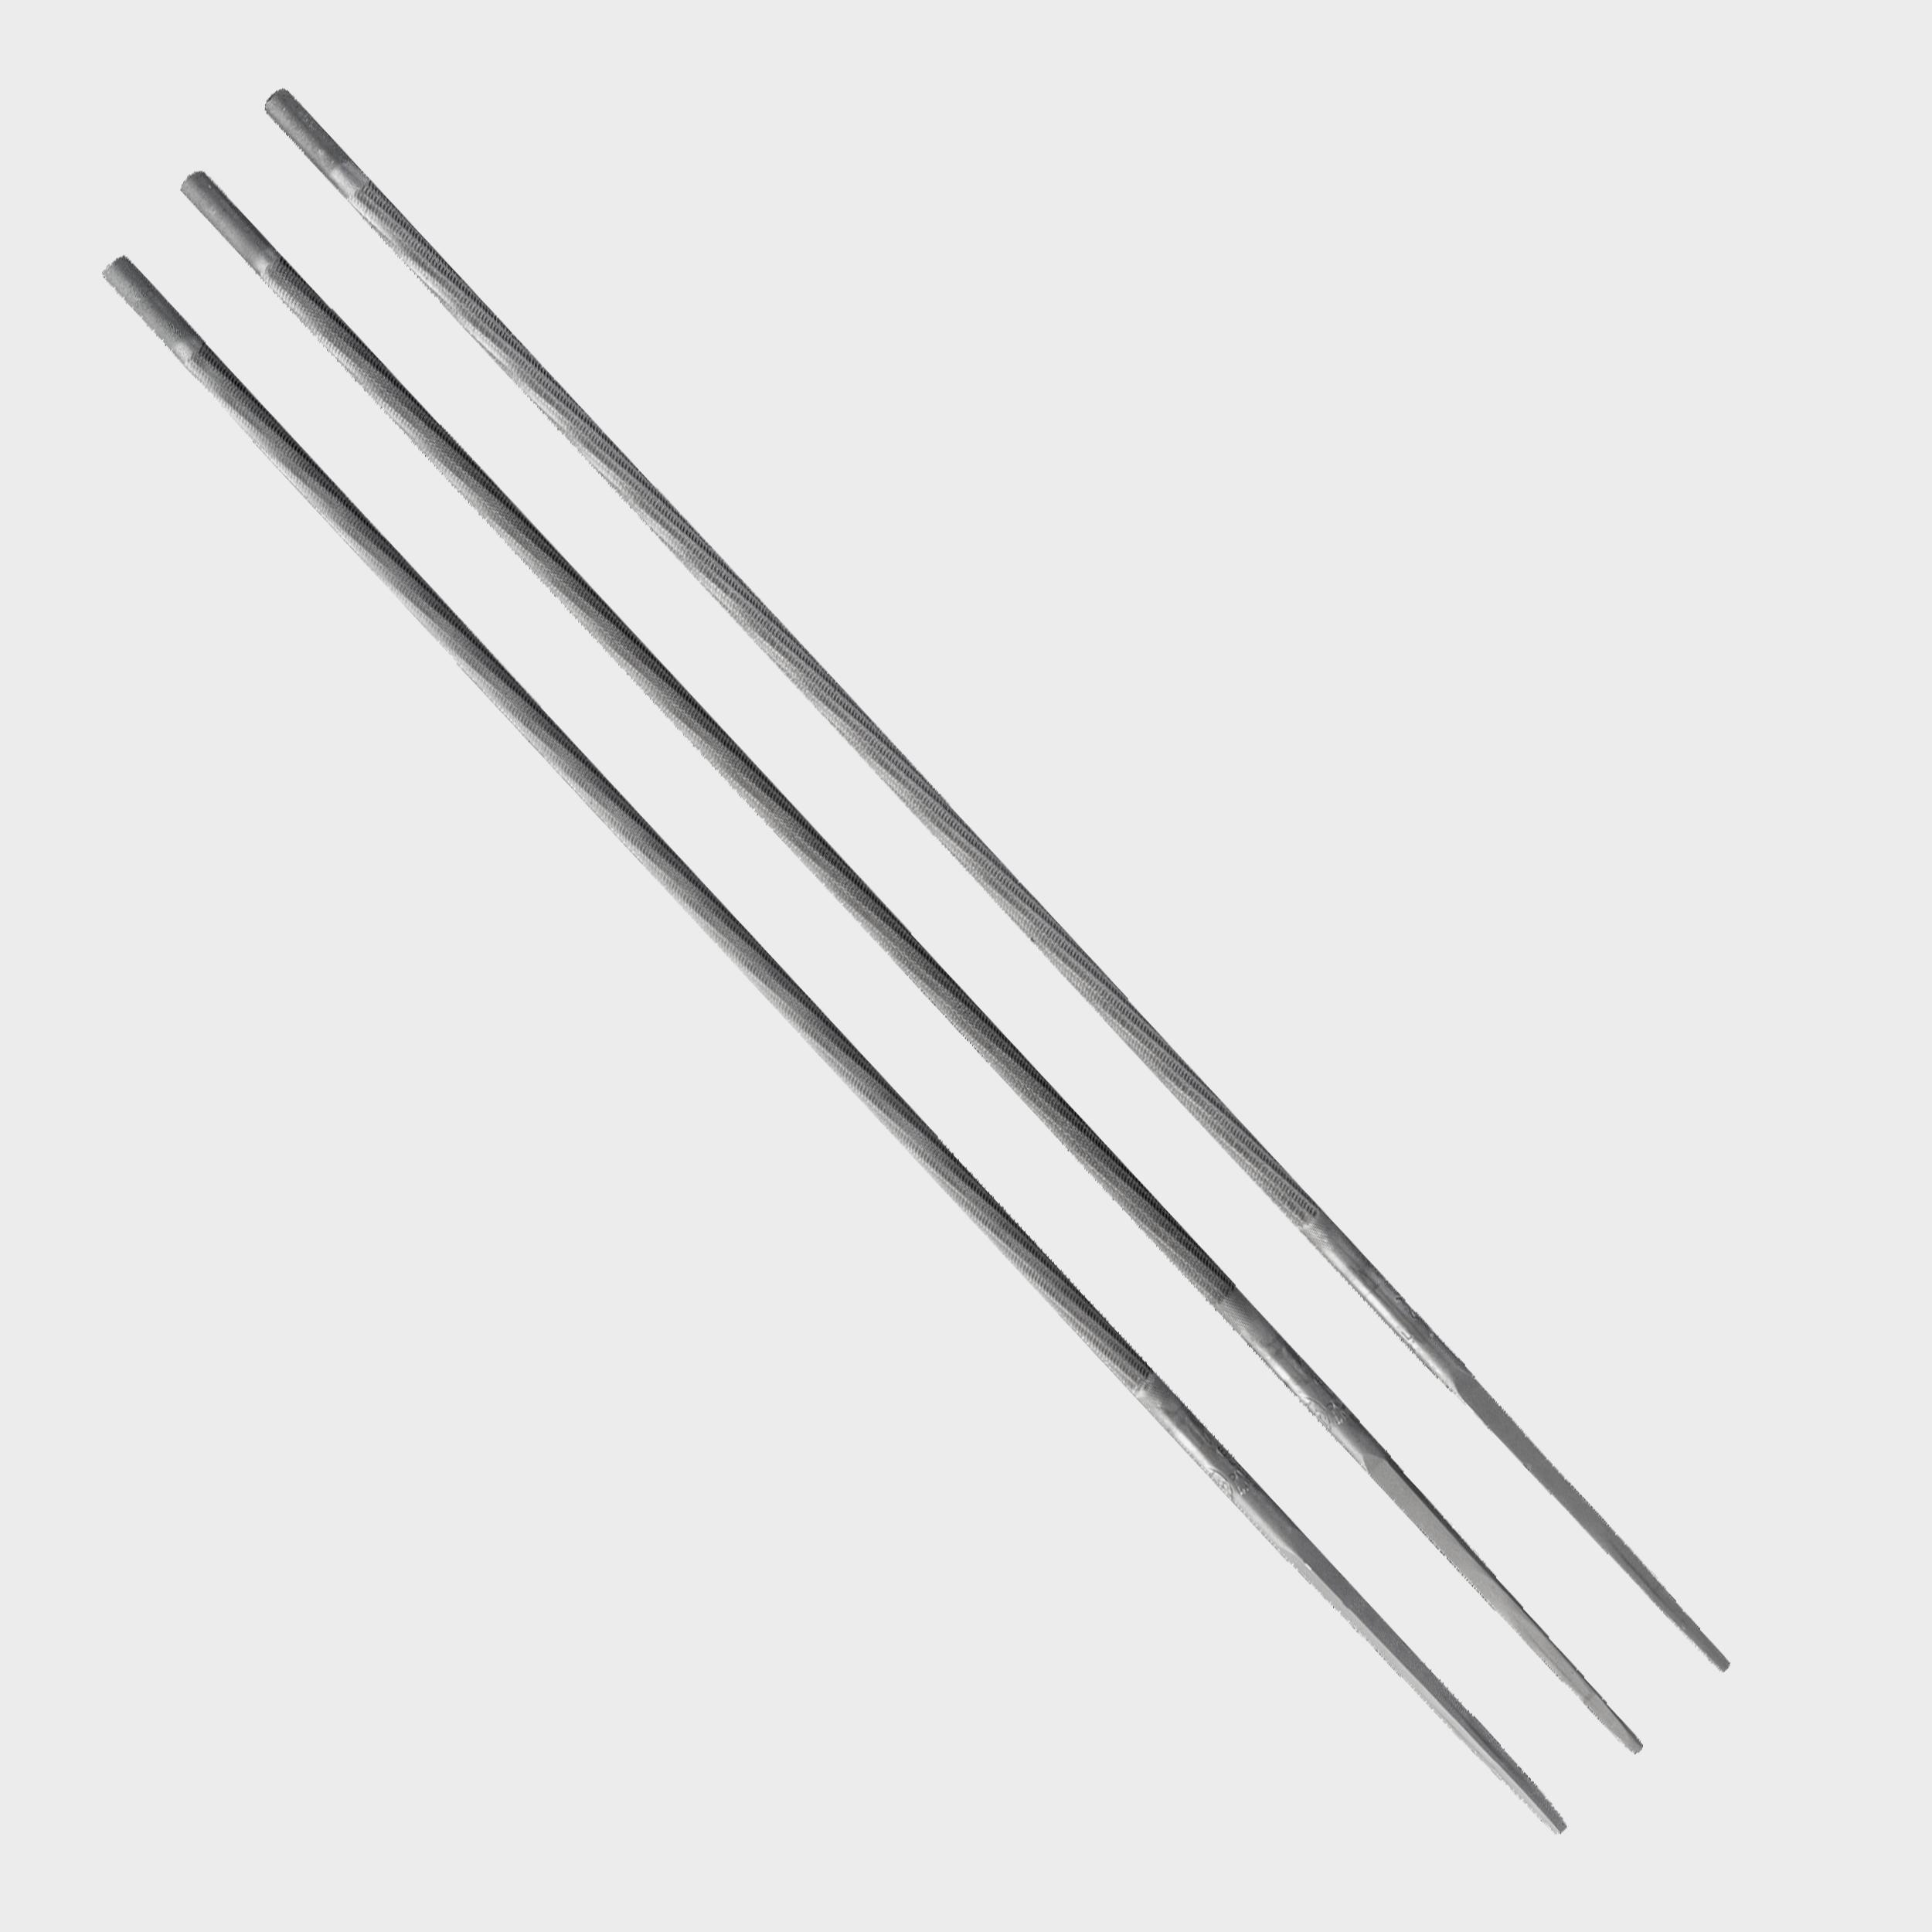 Lima de motosierra 10 piezas azul redondo rect/ángulo Kit de limas de motosierra herramienta de afilado de sierra de cadena de molienda